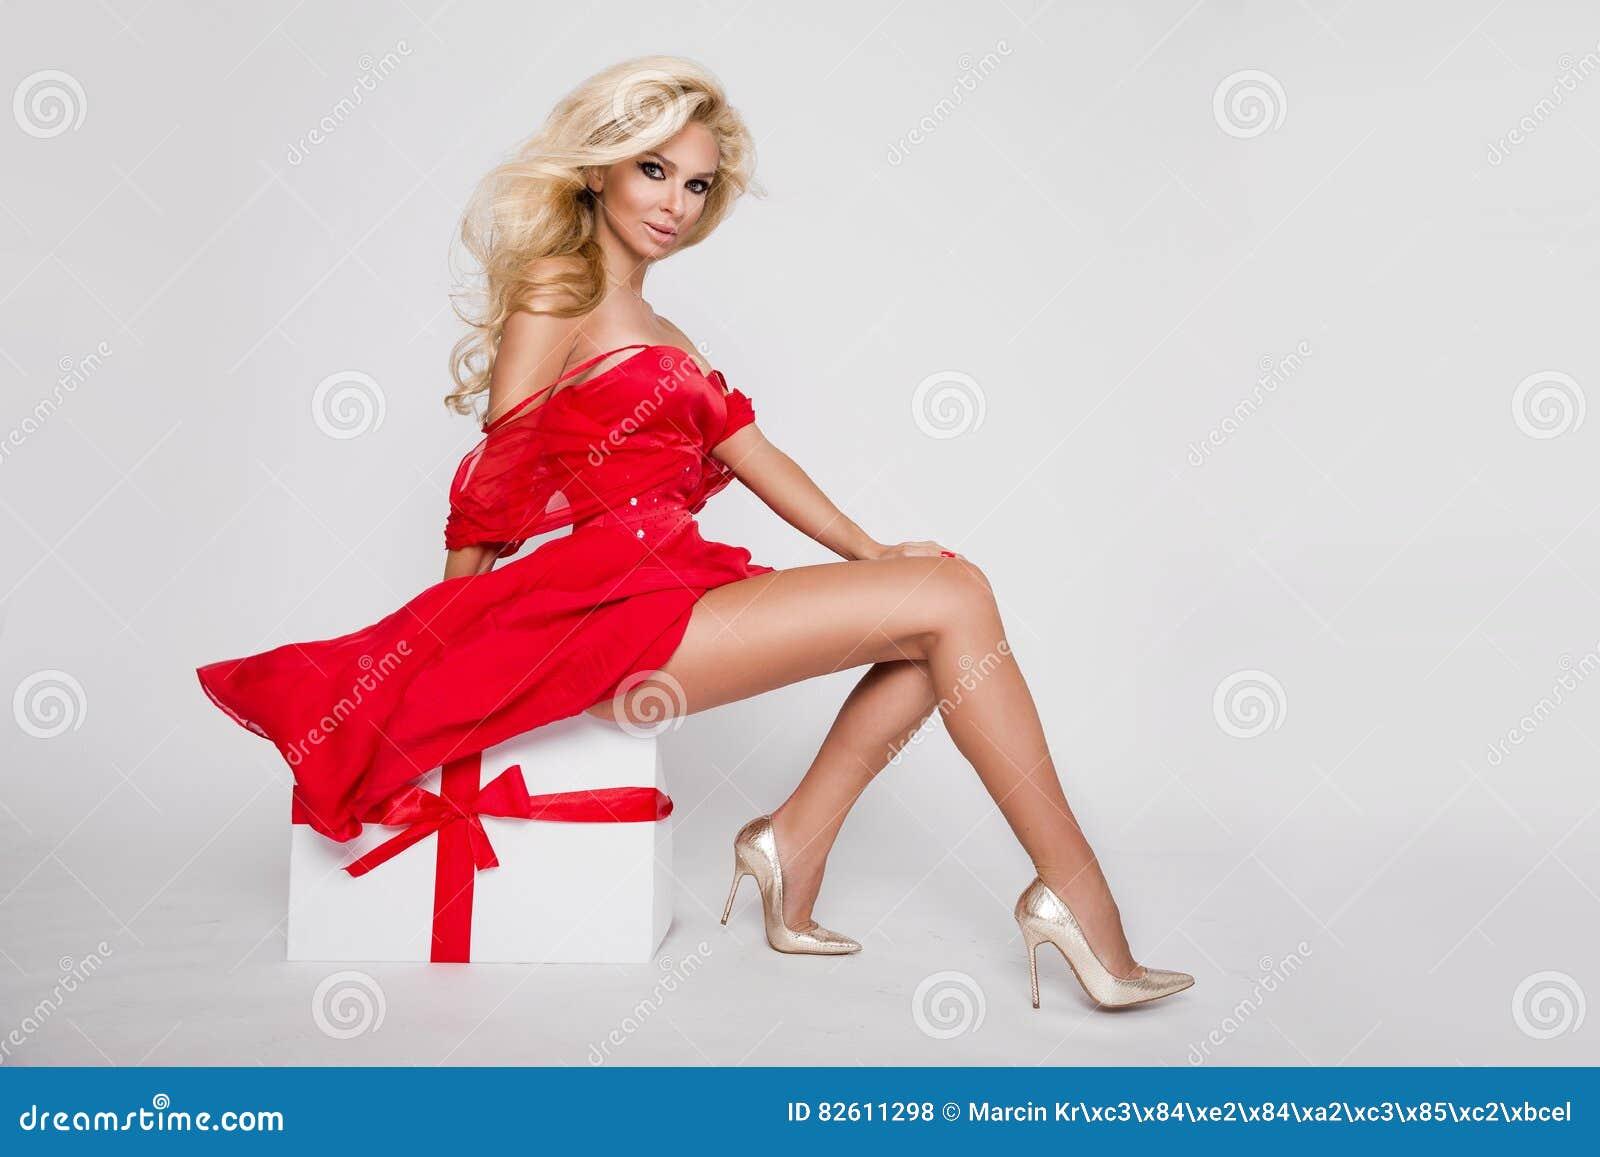 Beau flocon de neige modèle femelle blond sexy habillé comme lingerie rouge érotique de Santa Claus